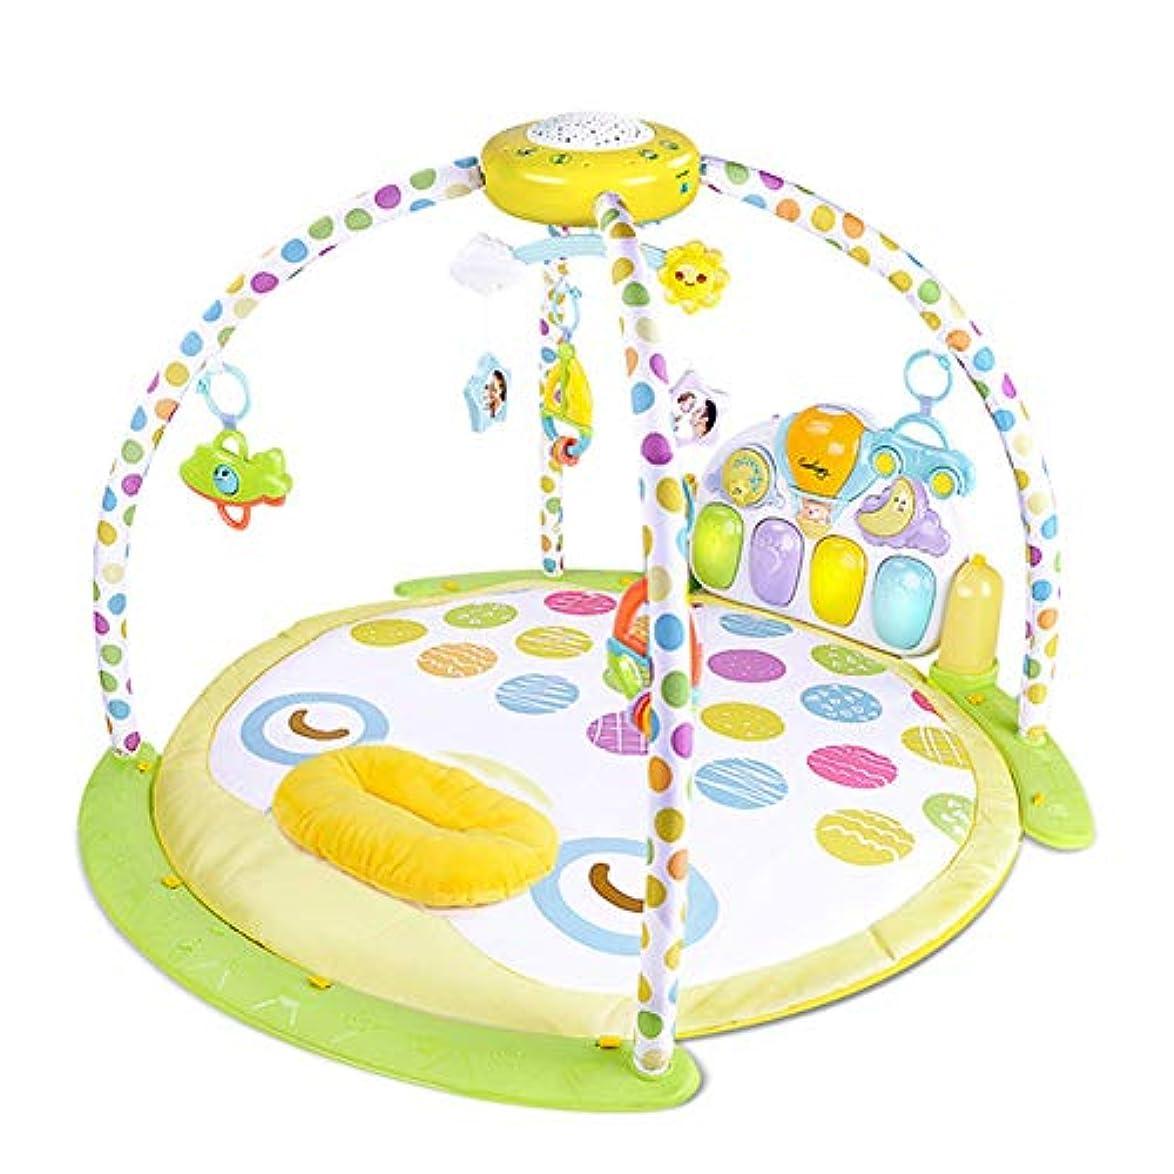 くつろぐ治す概して音の赤ちゃんピアノ再生マット多機能活動フクロウ再生マット新生児と 0 ヶ月の古い男の子の赤ちゃんのためのマットを再生します。